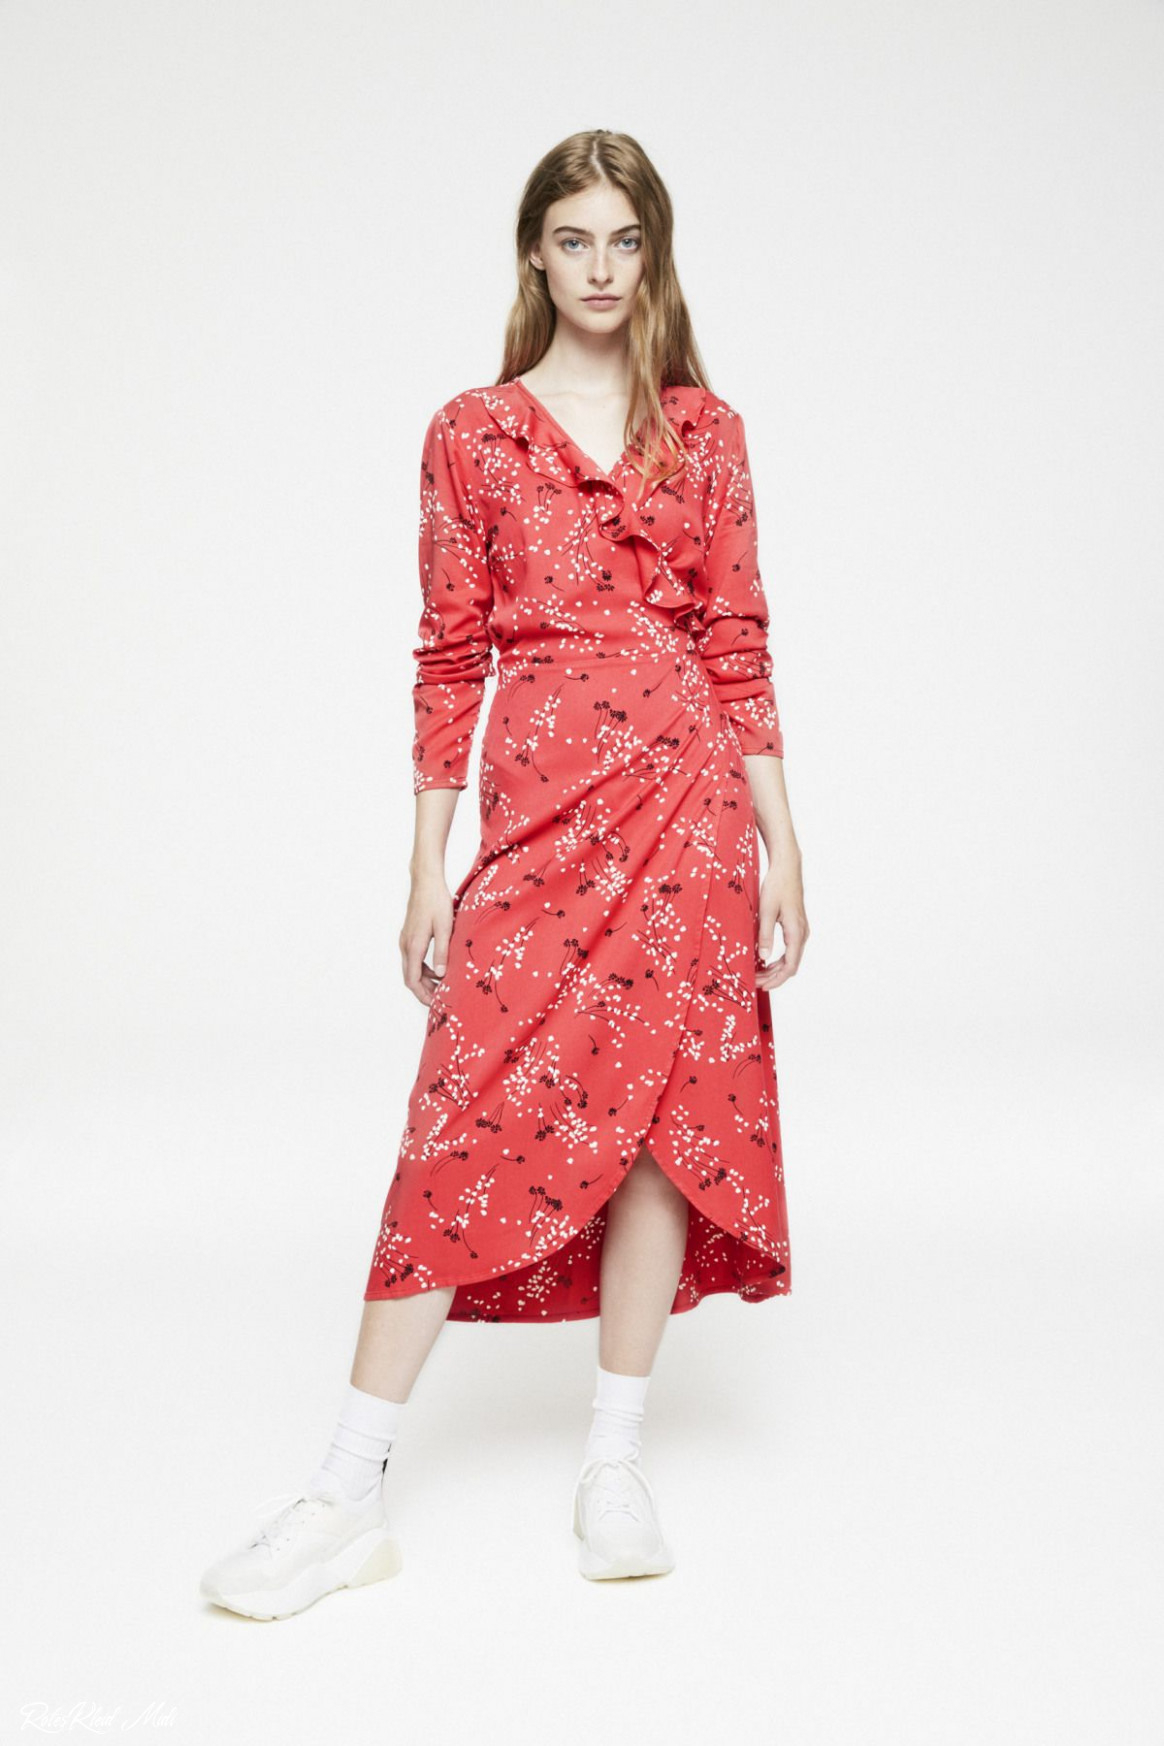 Rotes Kleid Midi  Abendkleider